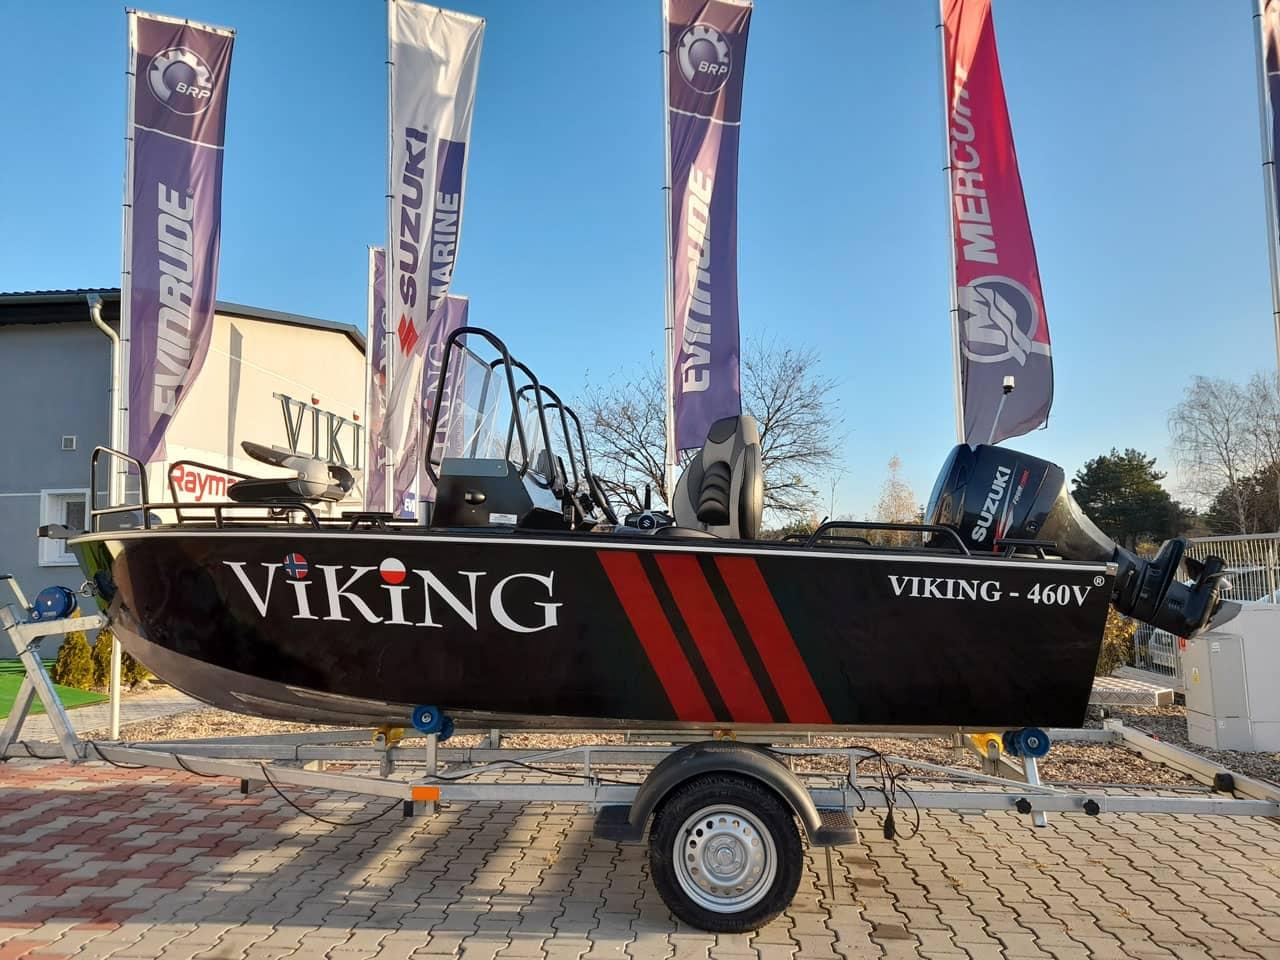 Viking 460v